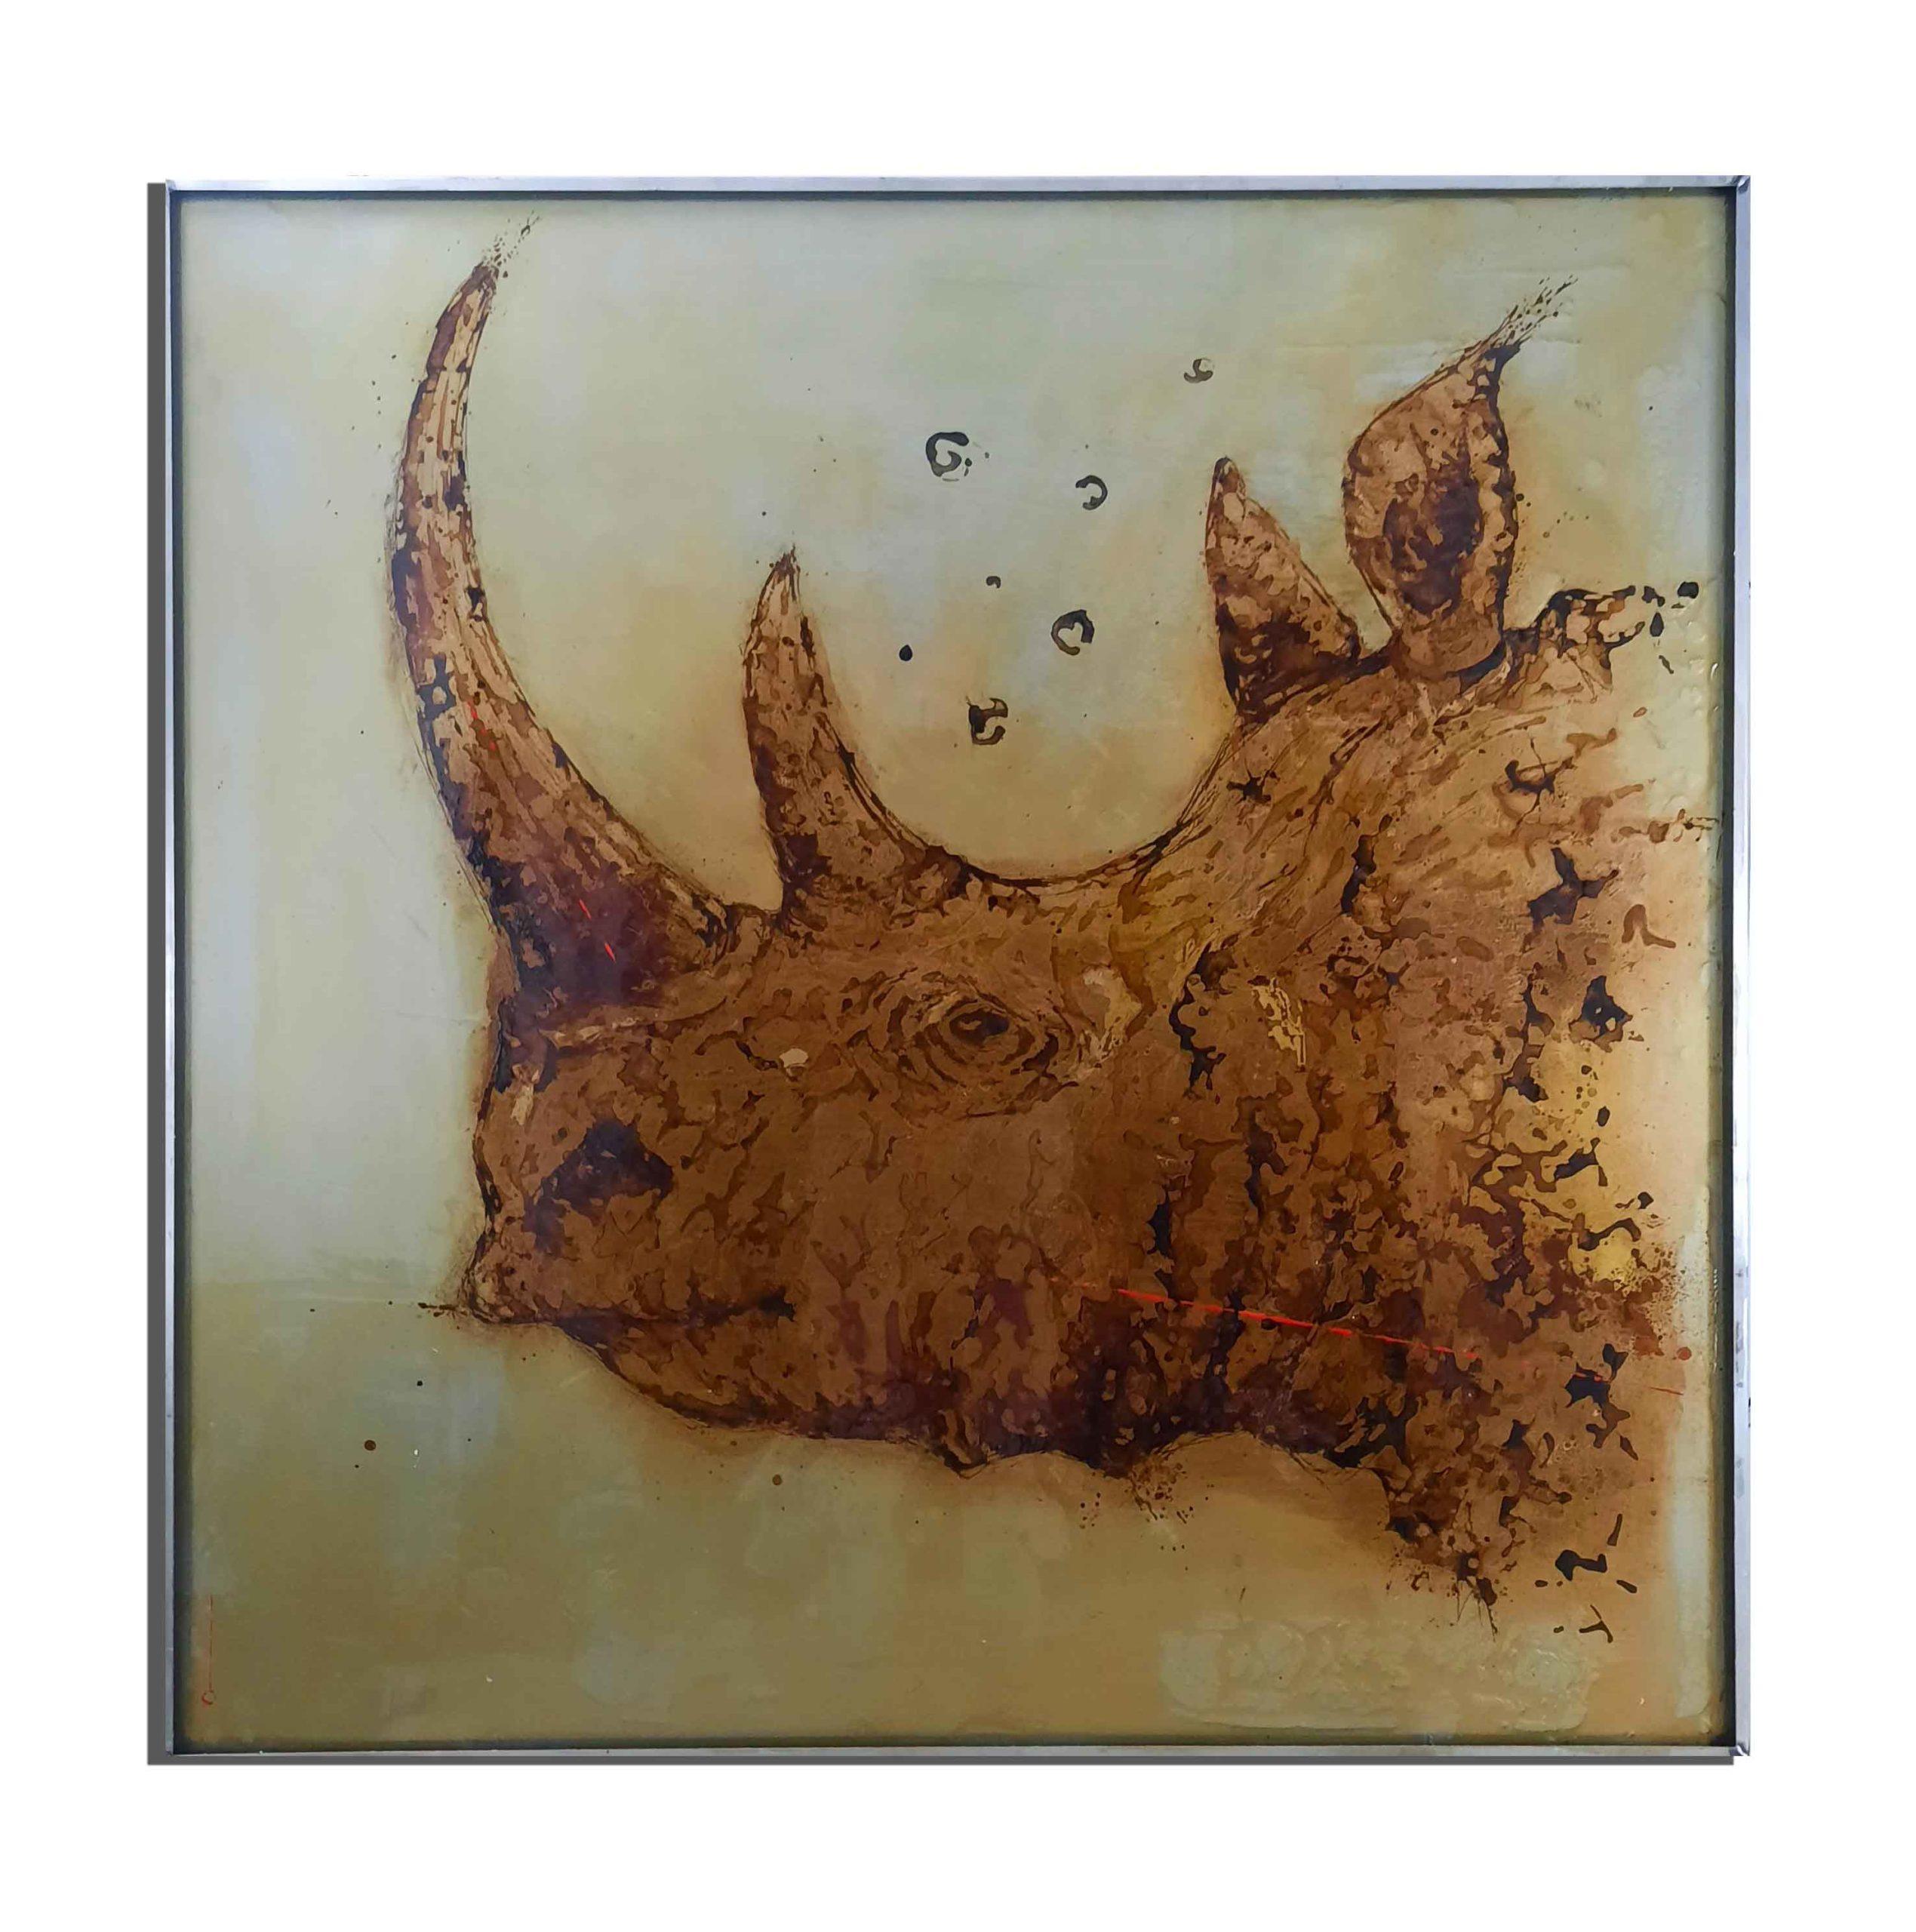 Rhino de rouille fait avec du vinaigre et de l'eau du golfe du Lion (France) - projet Water Is Life, Christophe Monteil, Art 4 Nature